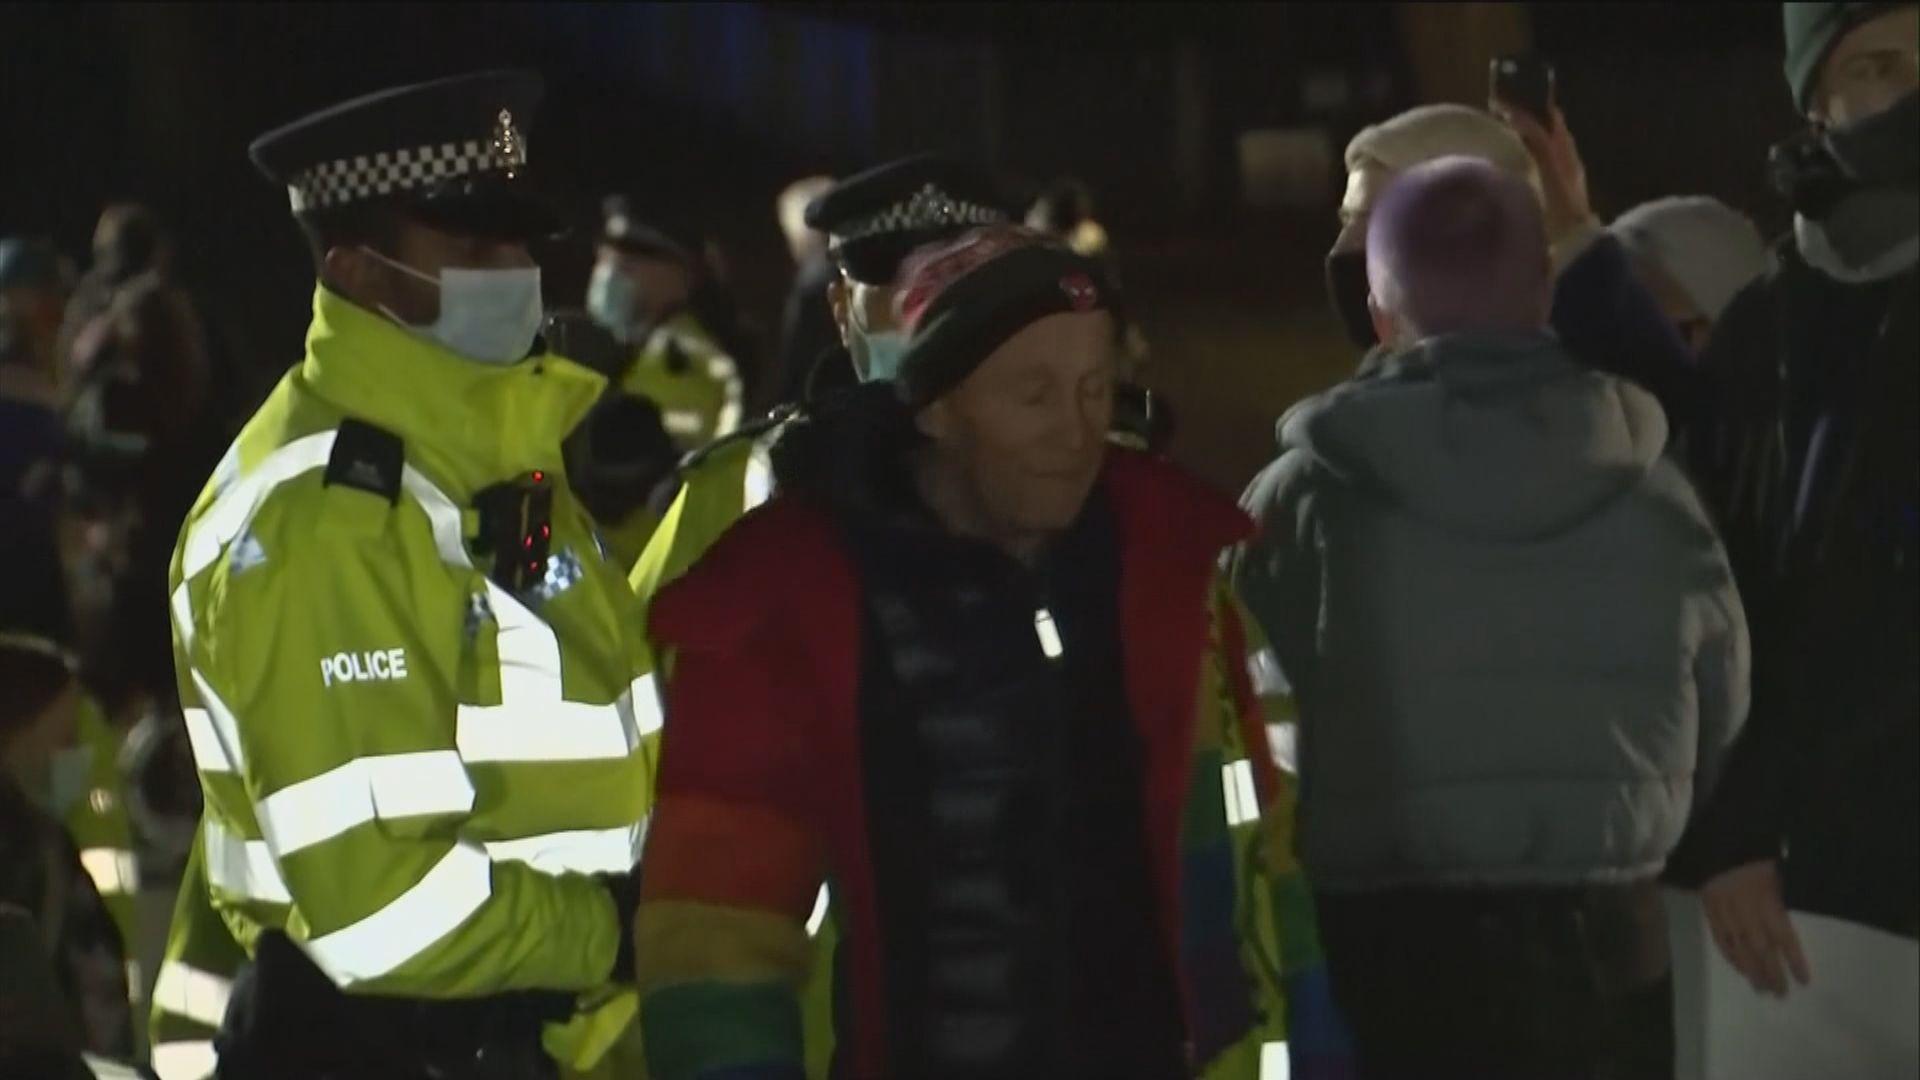 英國女子埃弗拉德遇害案 警方驅散悼念民眾惹多方抨擊